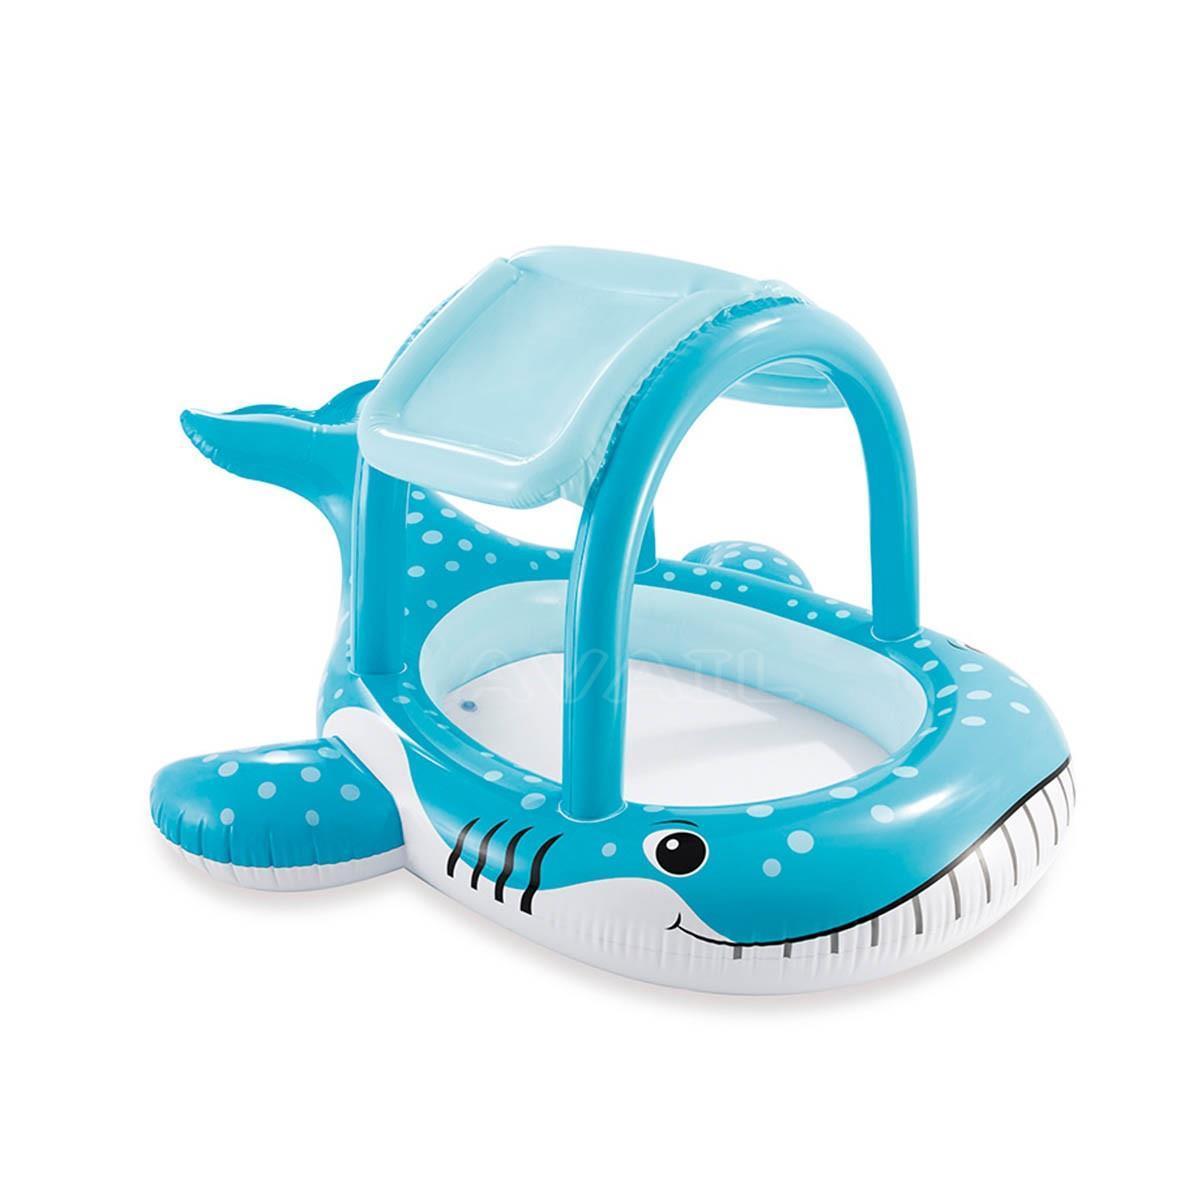 インテックス クジラプール 2歳以上 屋根付き INTEX ビニールプール プール ホエールシェードプール くじらプール キッズプール ファミリープール 子供用プール レジャープール 家庭用プール ベビープール 夏 水遊び キッズ用 ベビー用